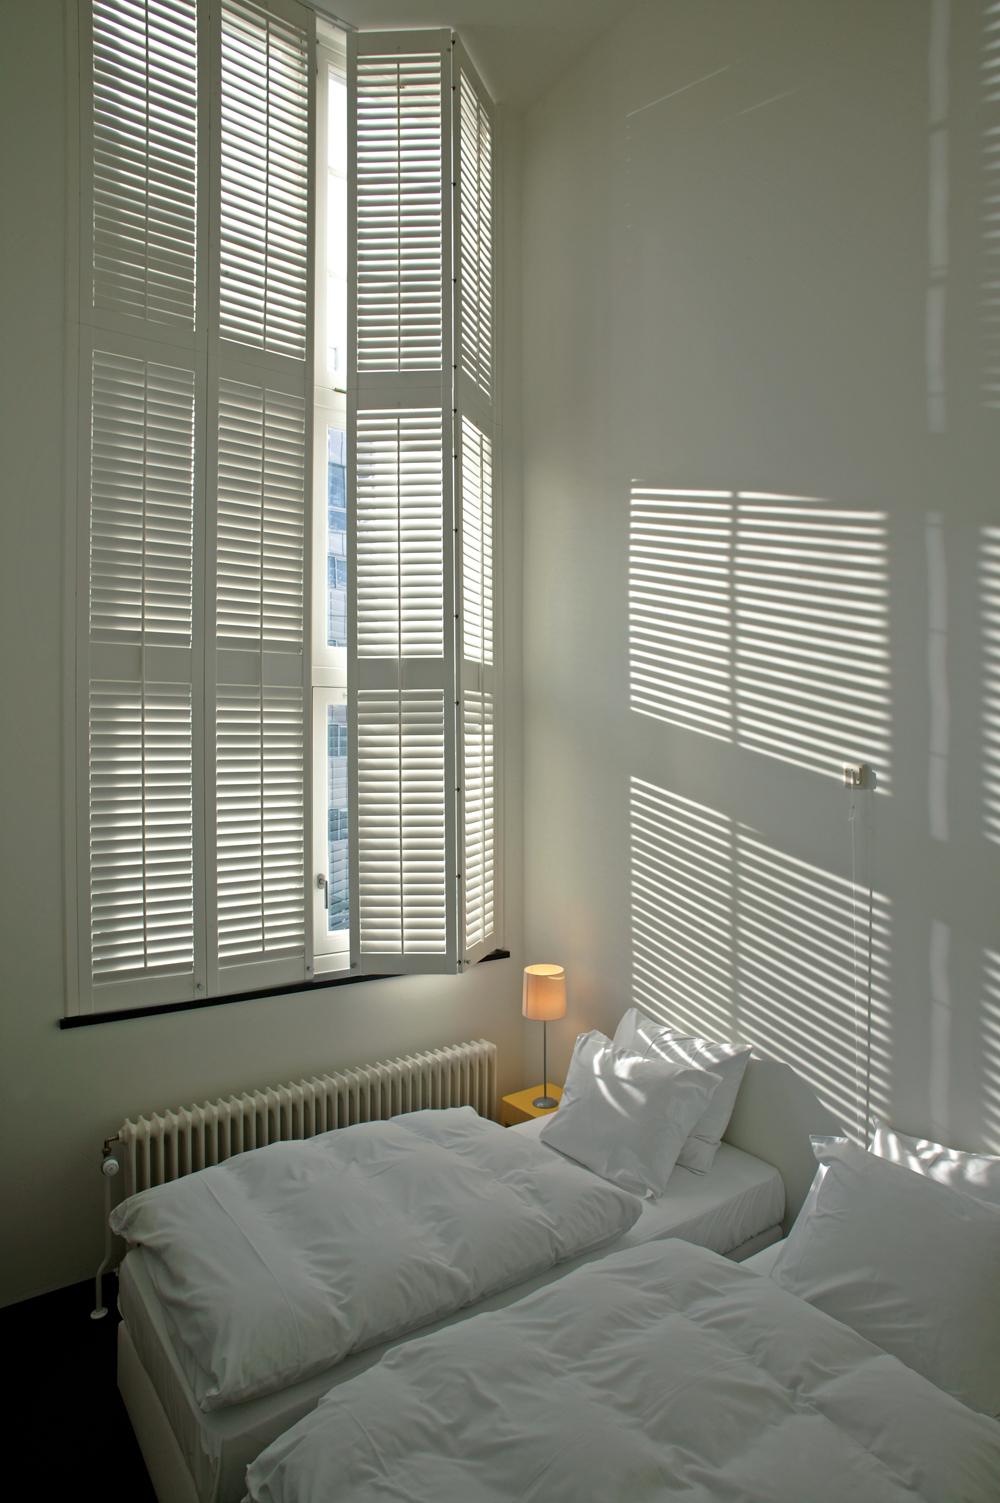 Shutters houten binnenluiken met kantelbare lamellen for Houten decoratie voor raam